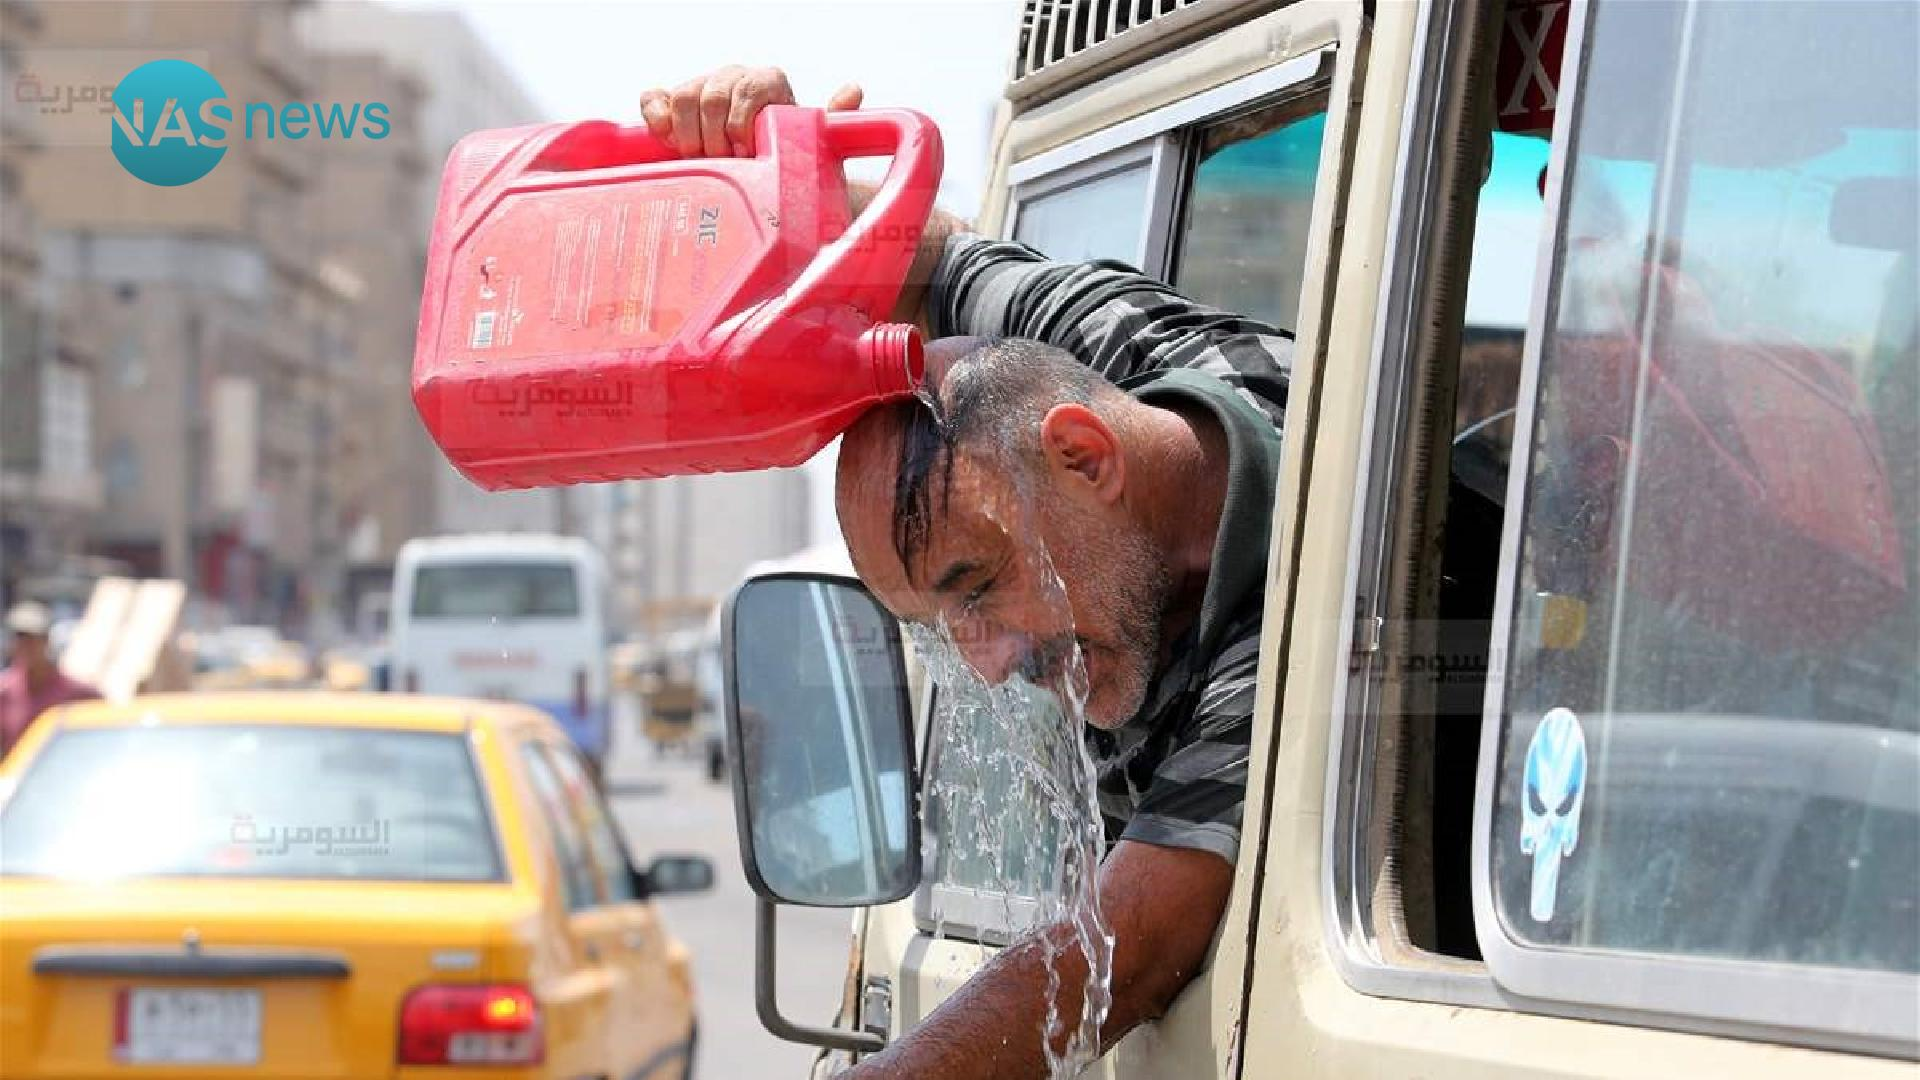 مطر صيف' وطقس 'لاهب' في العراق.. متنبئ جوي ينشر خارطة درجات الحرارة